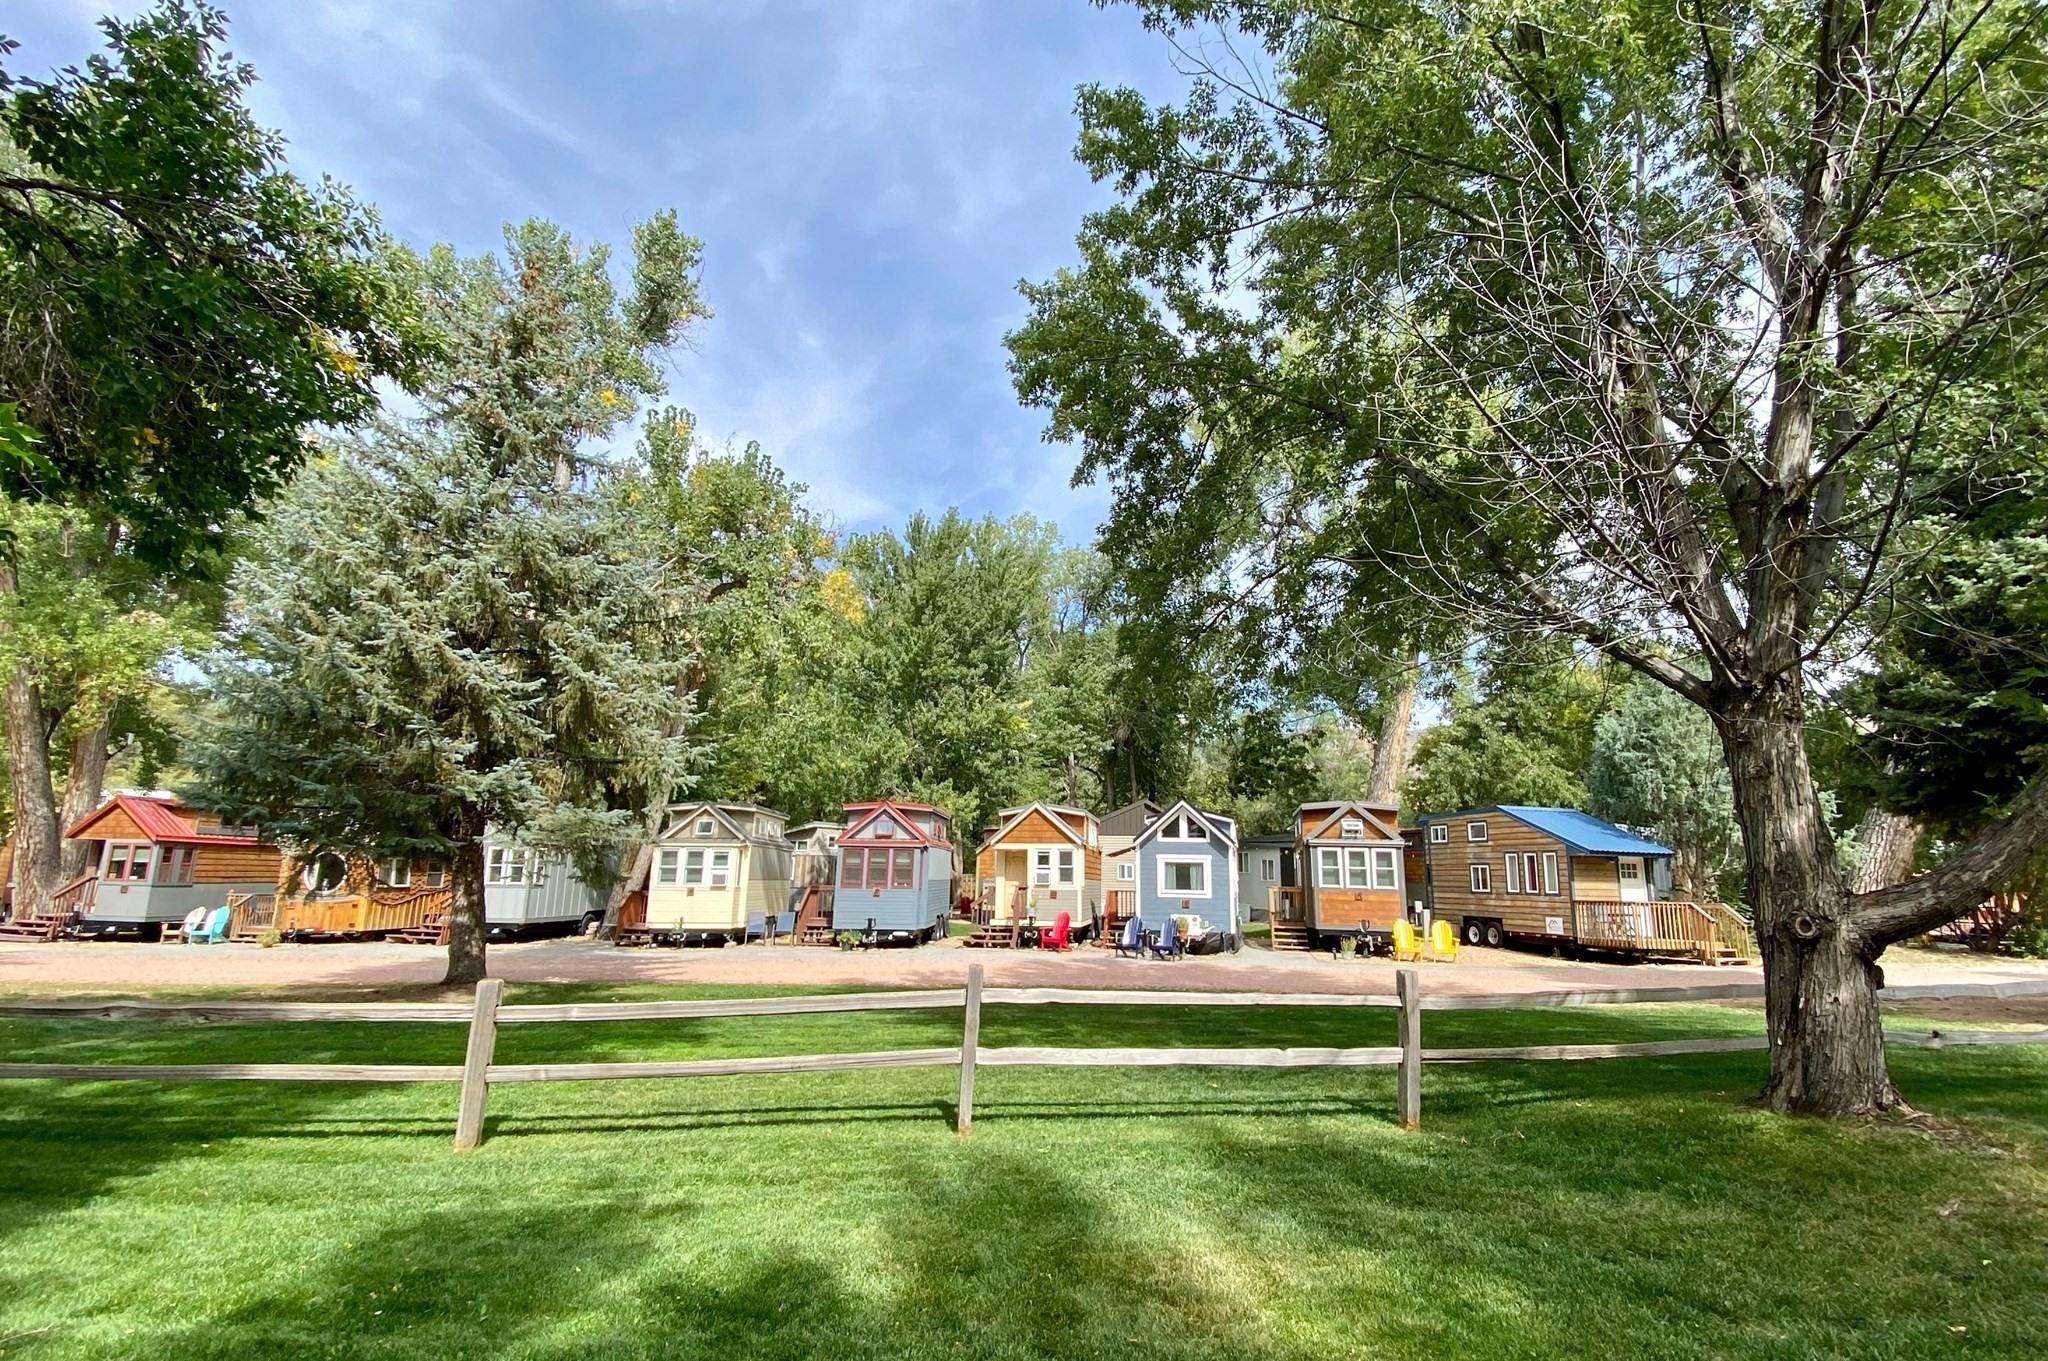 image of weecasa tiny homes